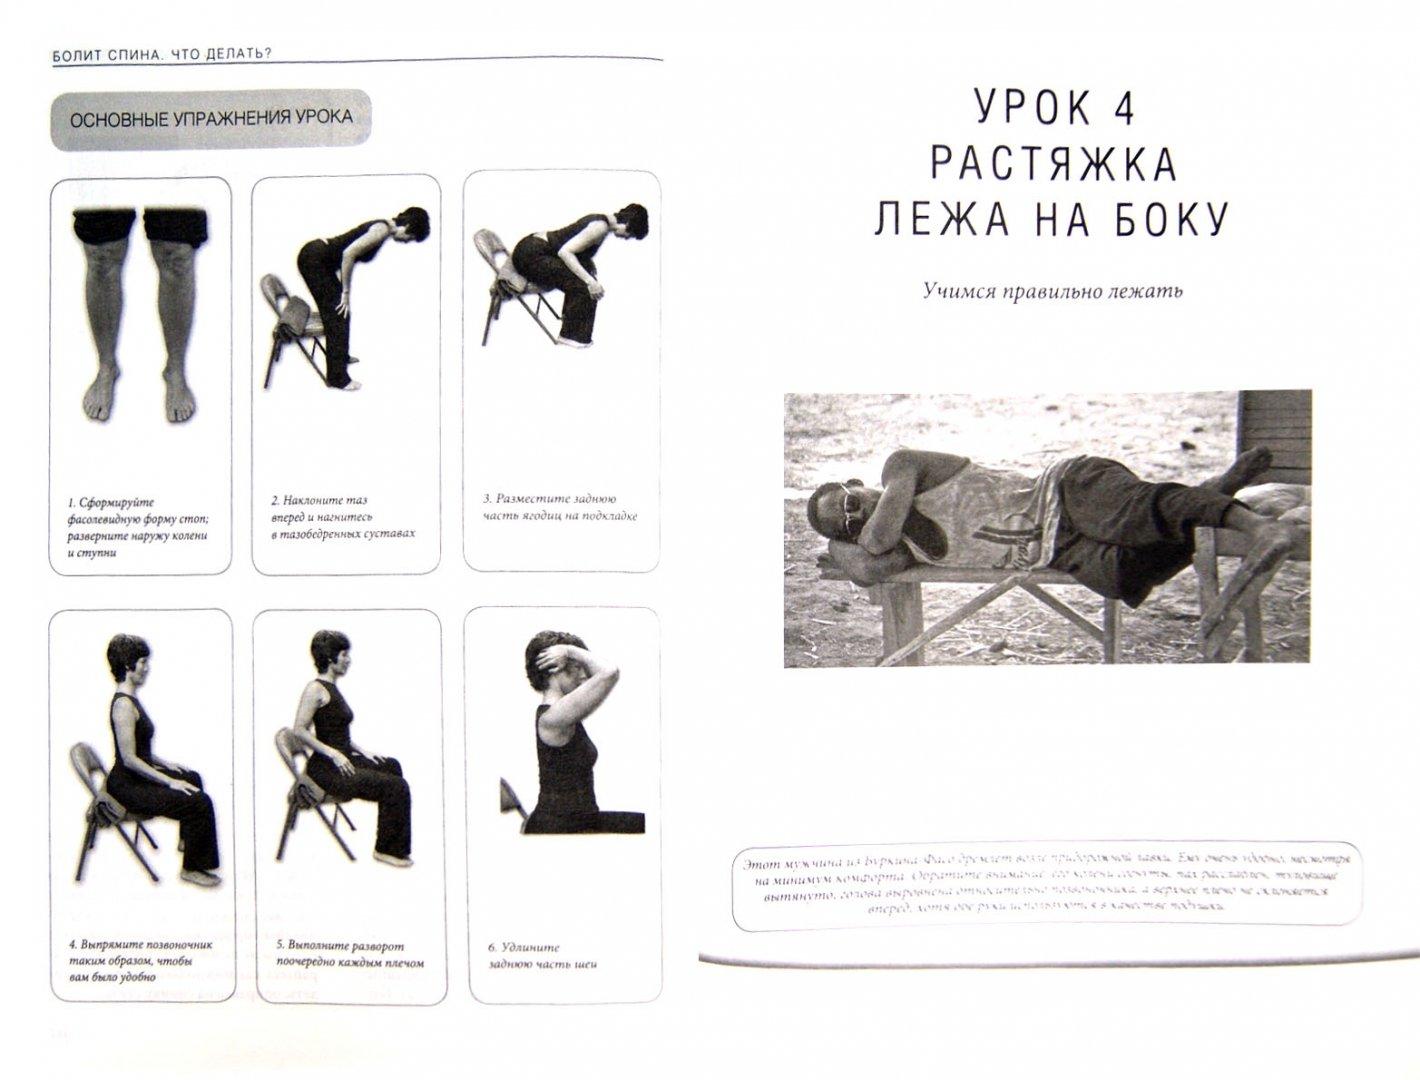 Иллюстрация 1 из 6 для Болит спина. Что делать? Система упражнений для избавления от проблем с позвоночником - Эстер Гоклей   Лабиринт - книги. Источник: Лабиринт